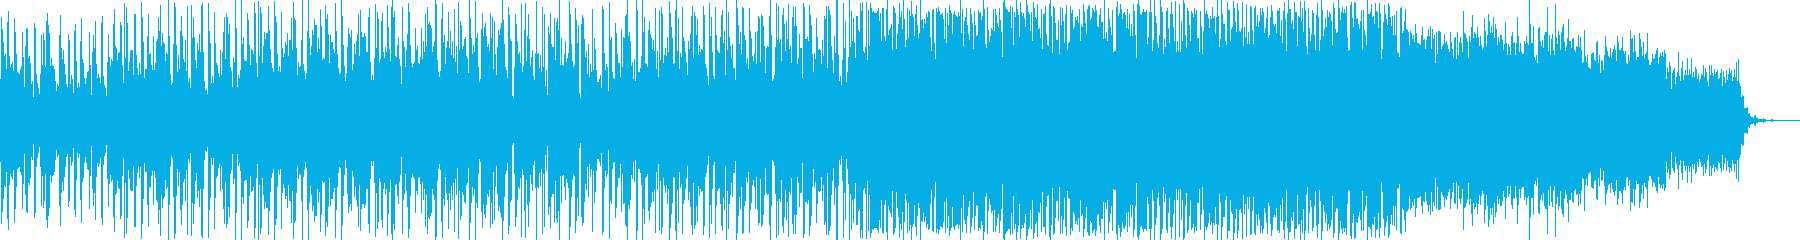 ポップ センチメンタル 静か クー...の再生済みの波形